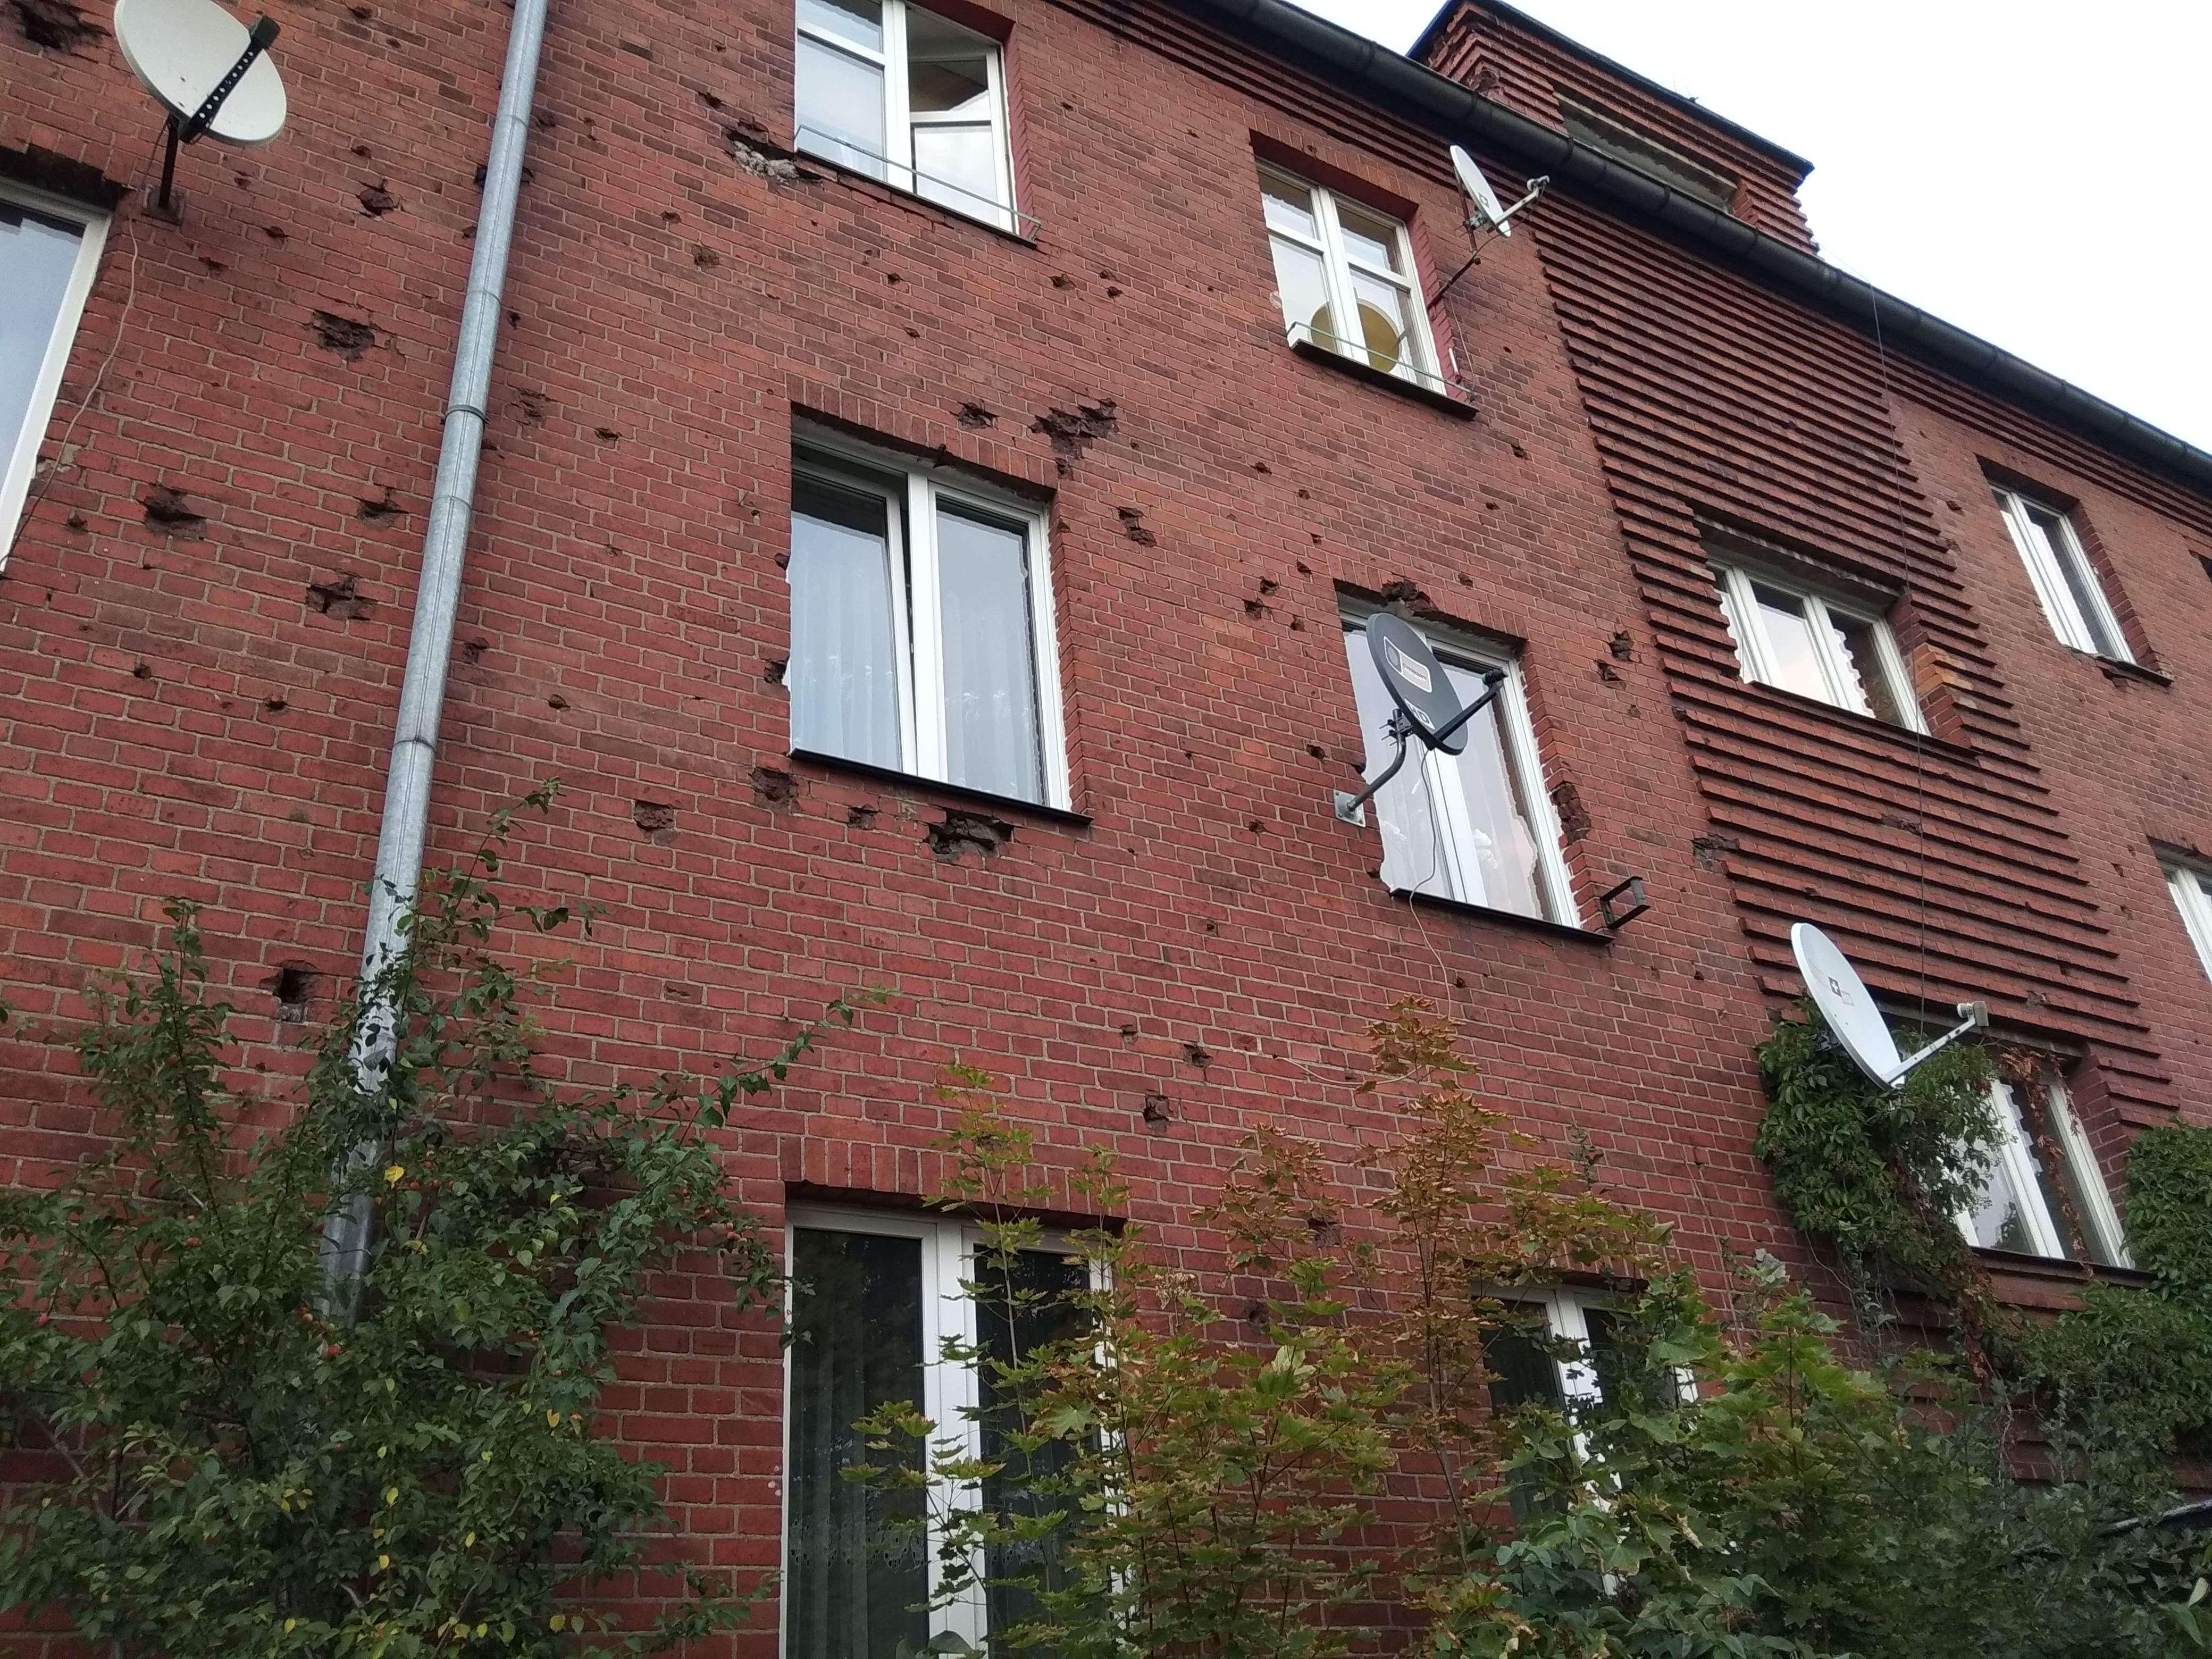 Rys. 3. Zniszczona elewacja budynku – przykład Śladów walk, ul. Hallera. (źródło własne)